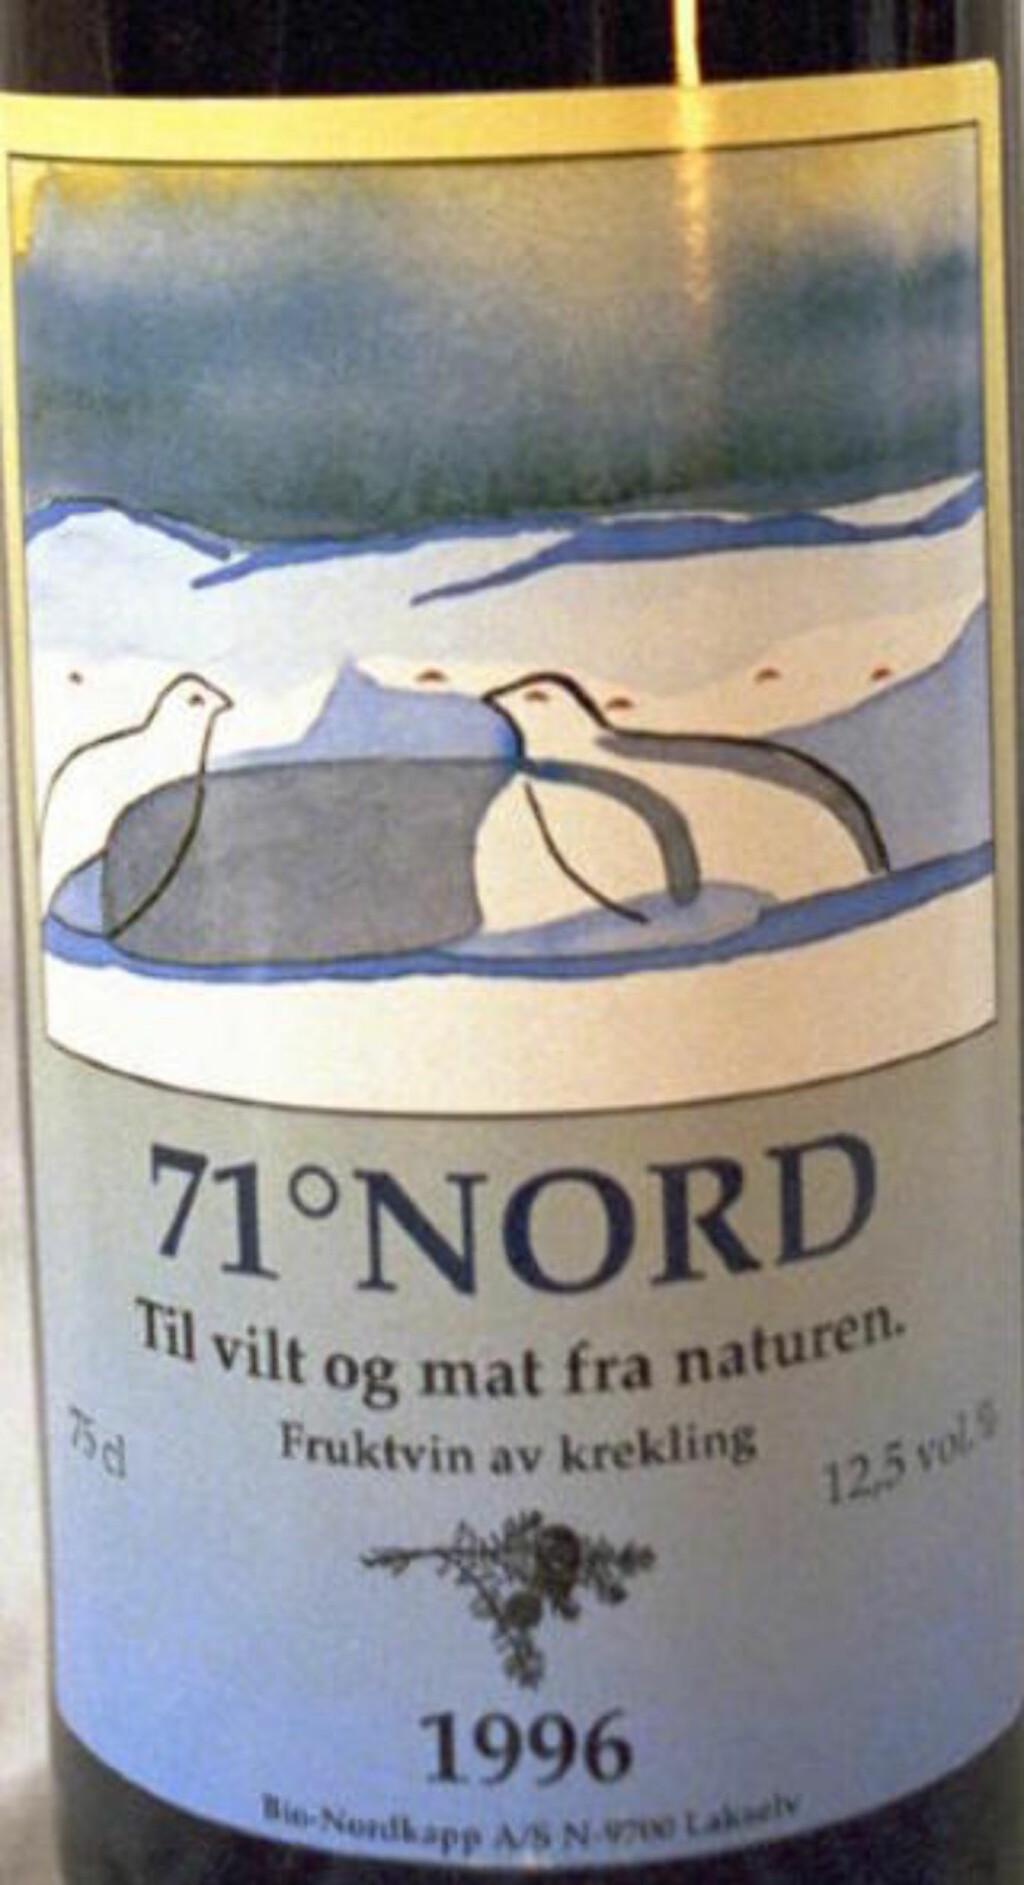 KREKLING: Norsk fruktvin laget av Krekling. Foto: Bjørn Lyng